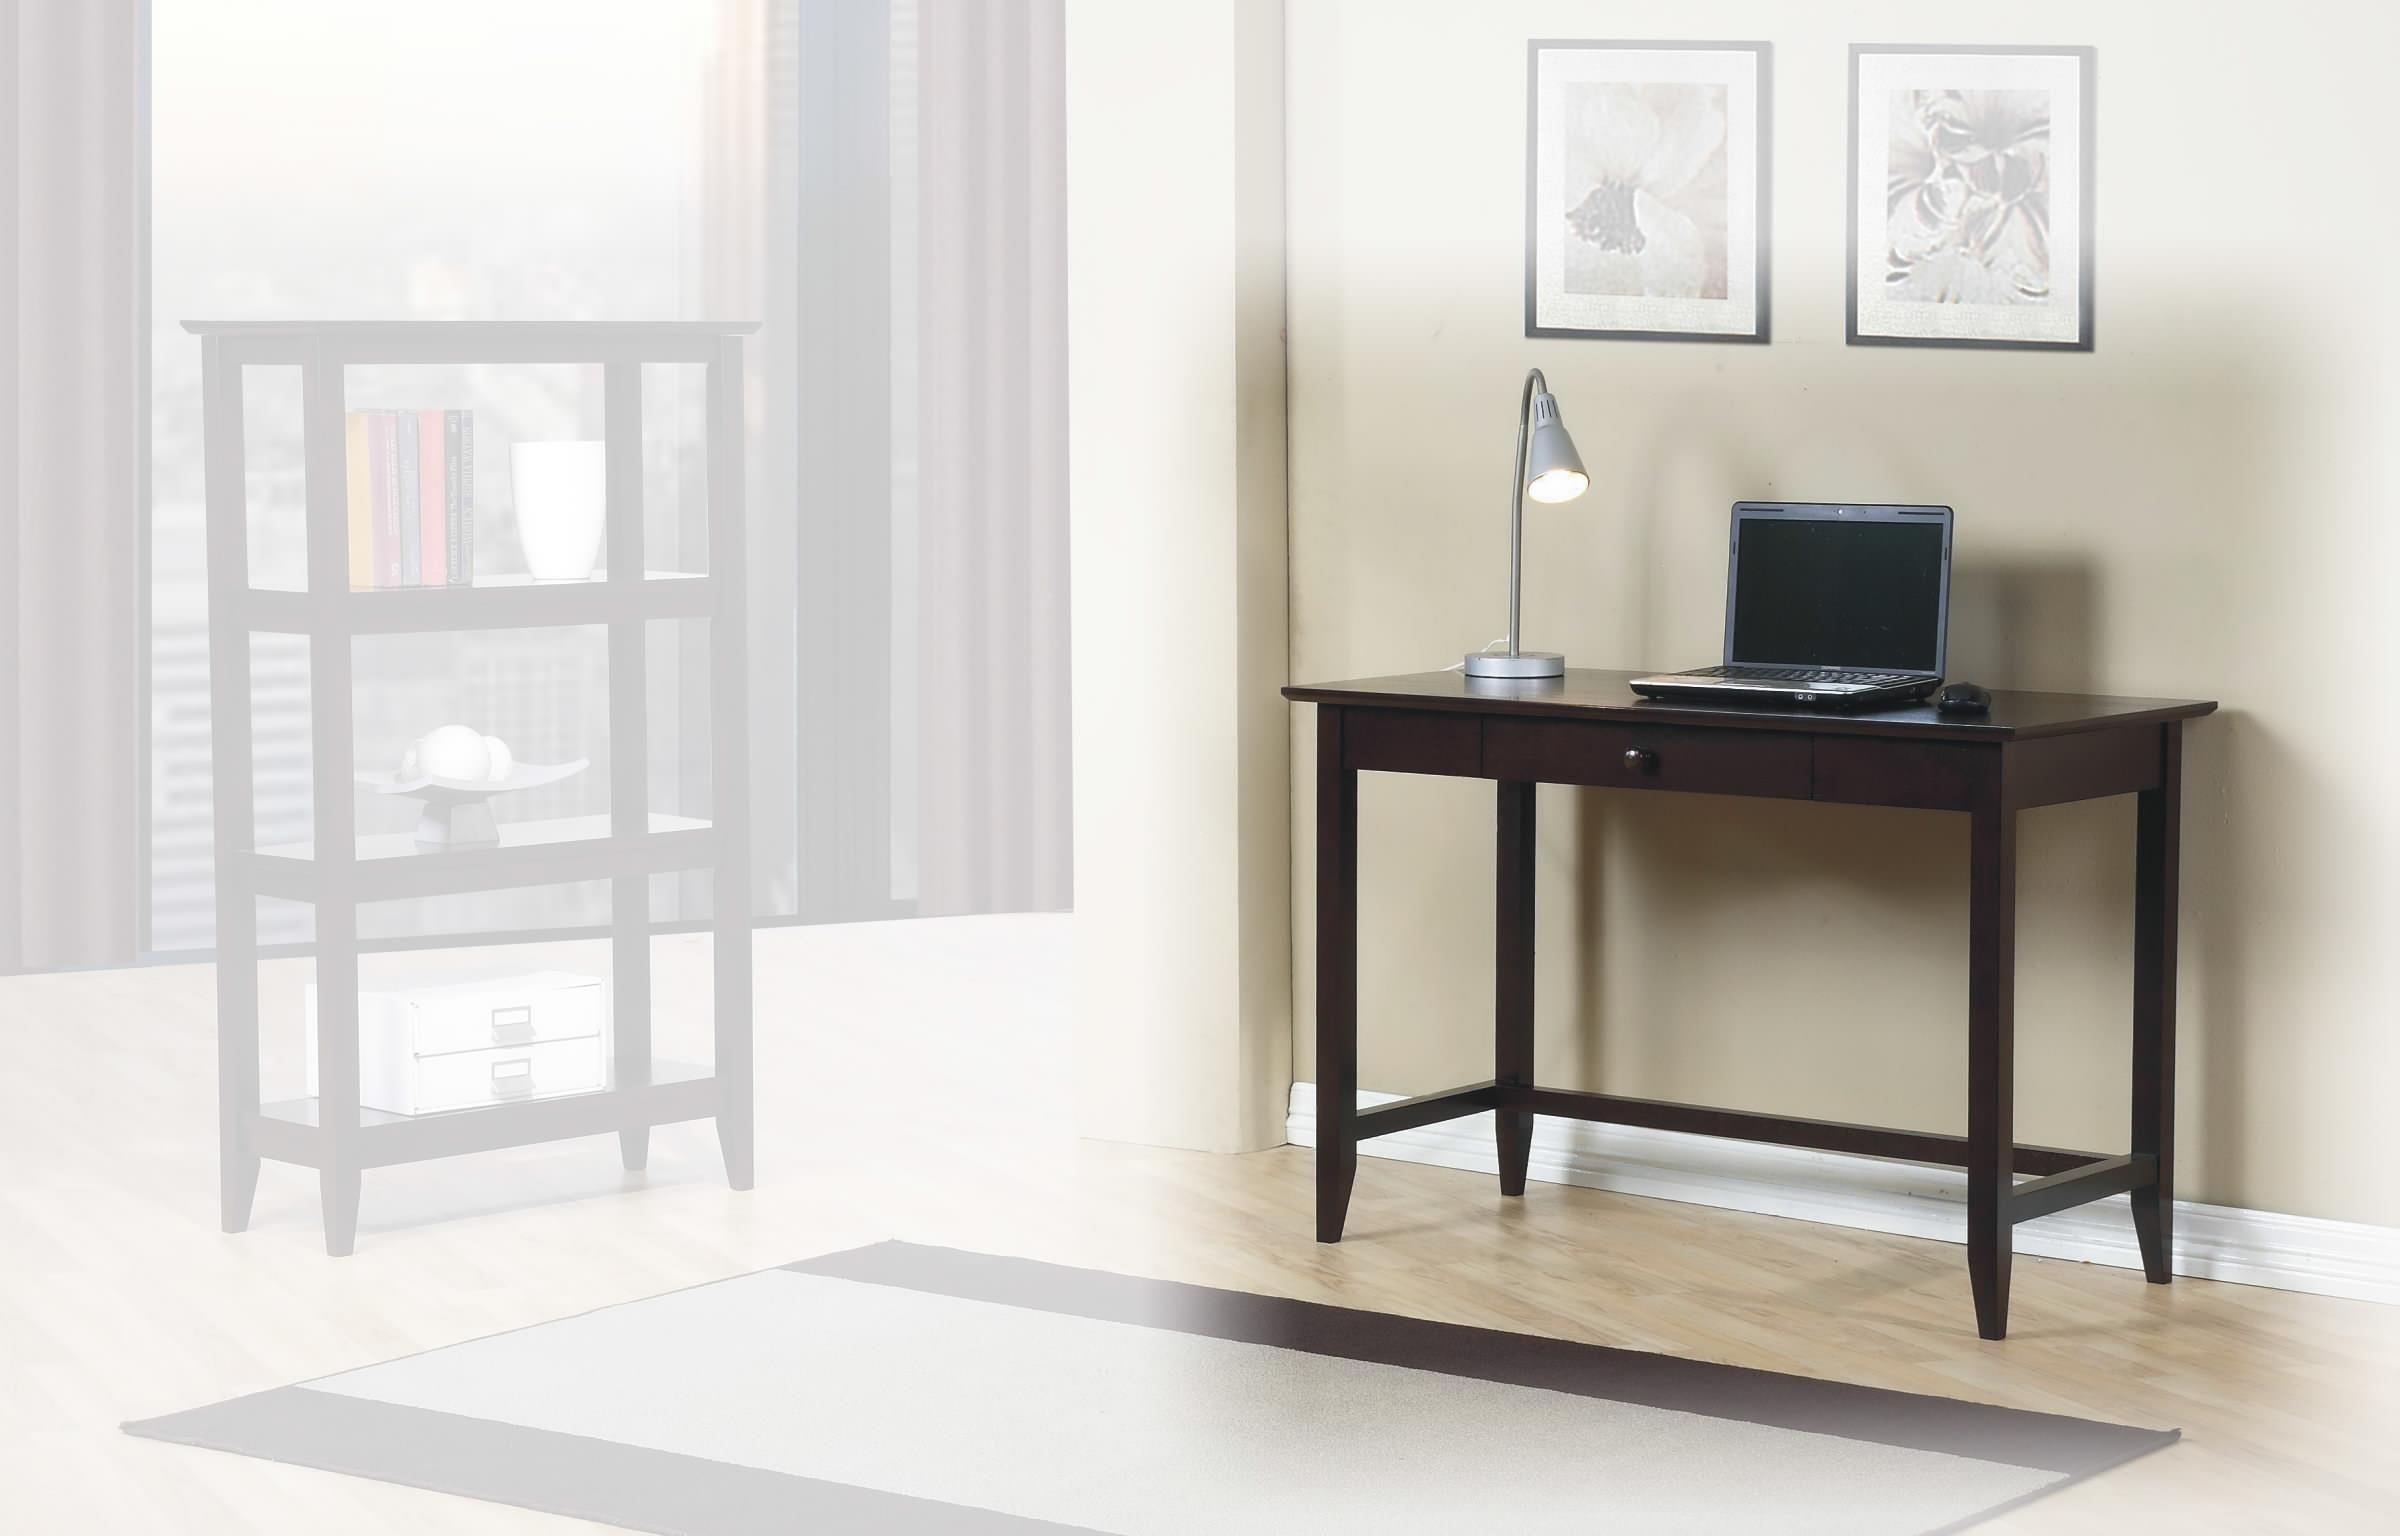 Quadra Desk at Bennett's Furniture and Mattresses